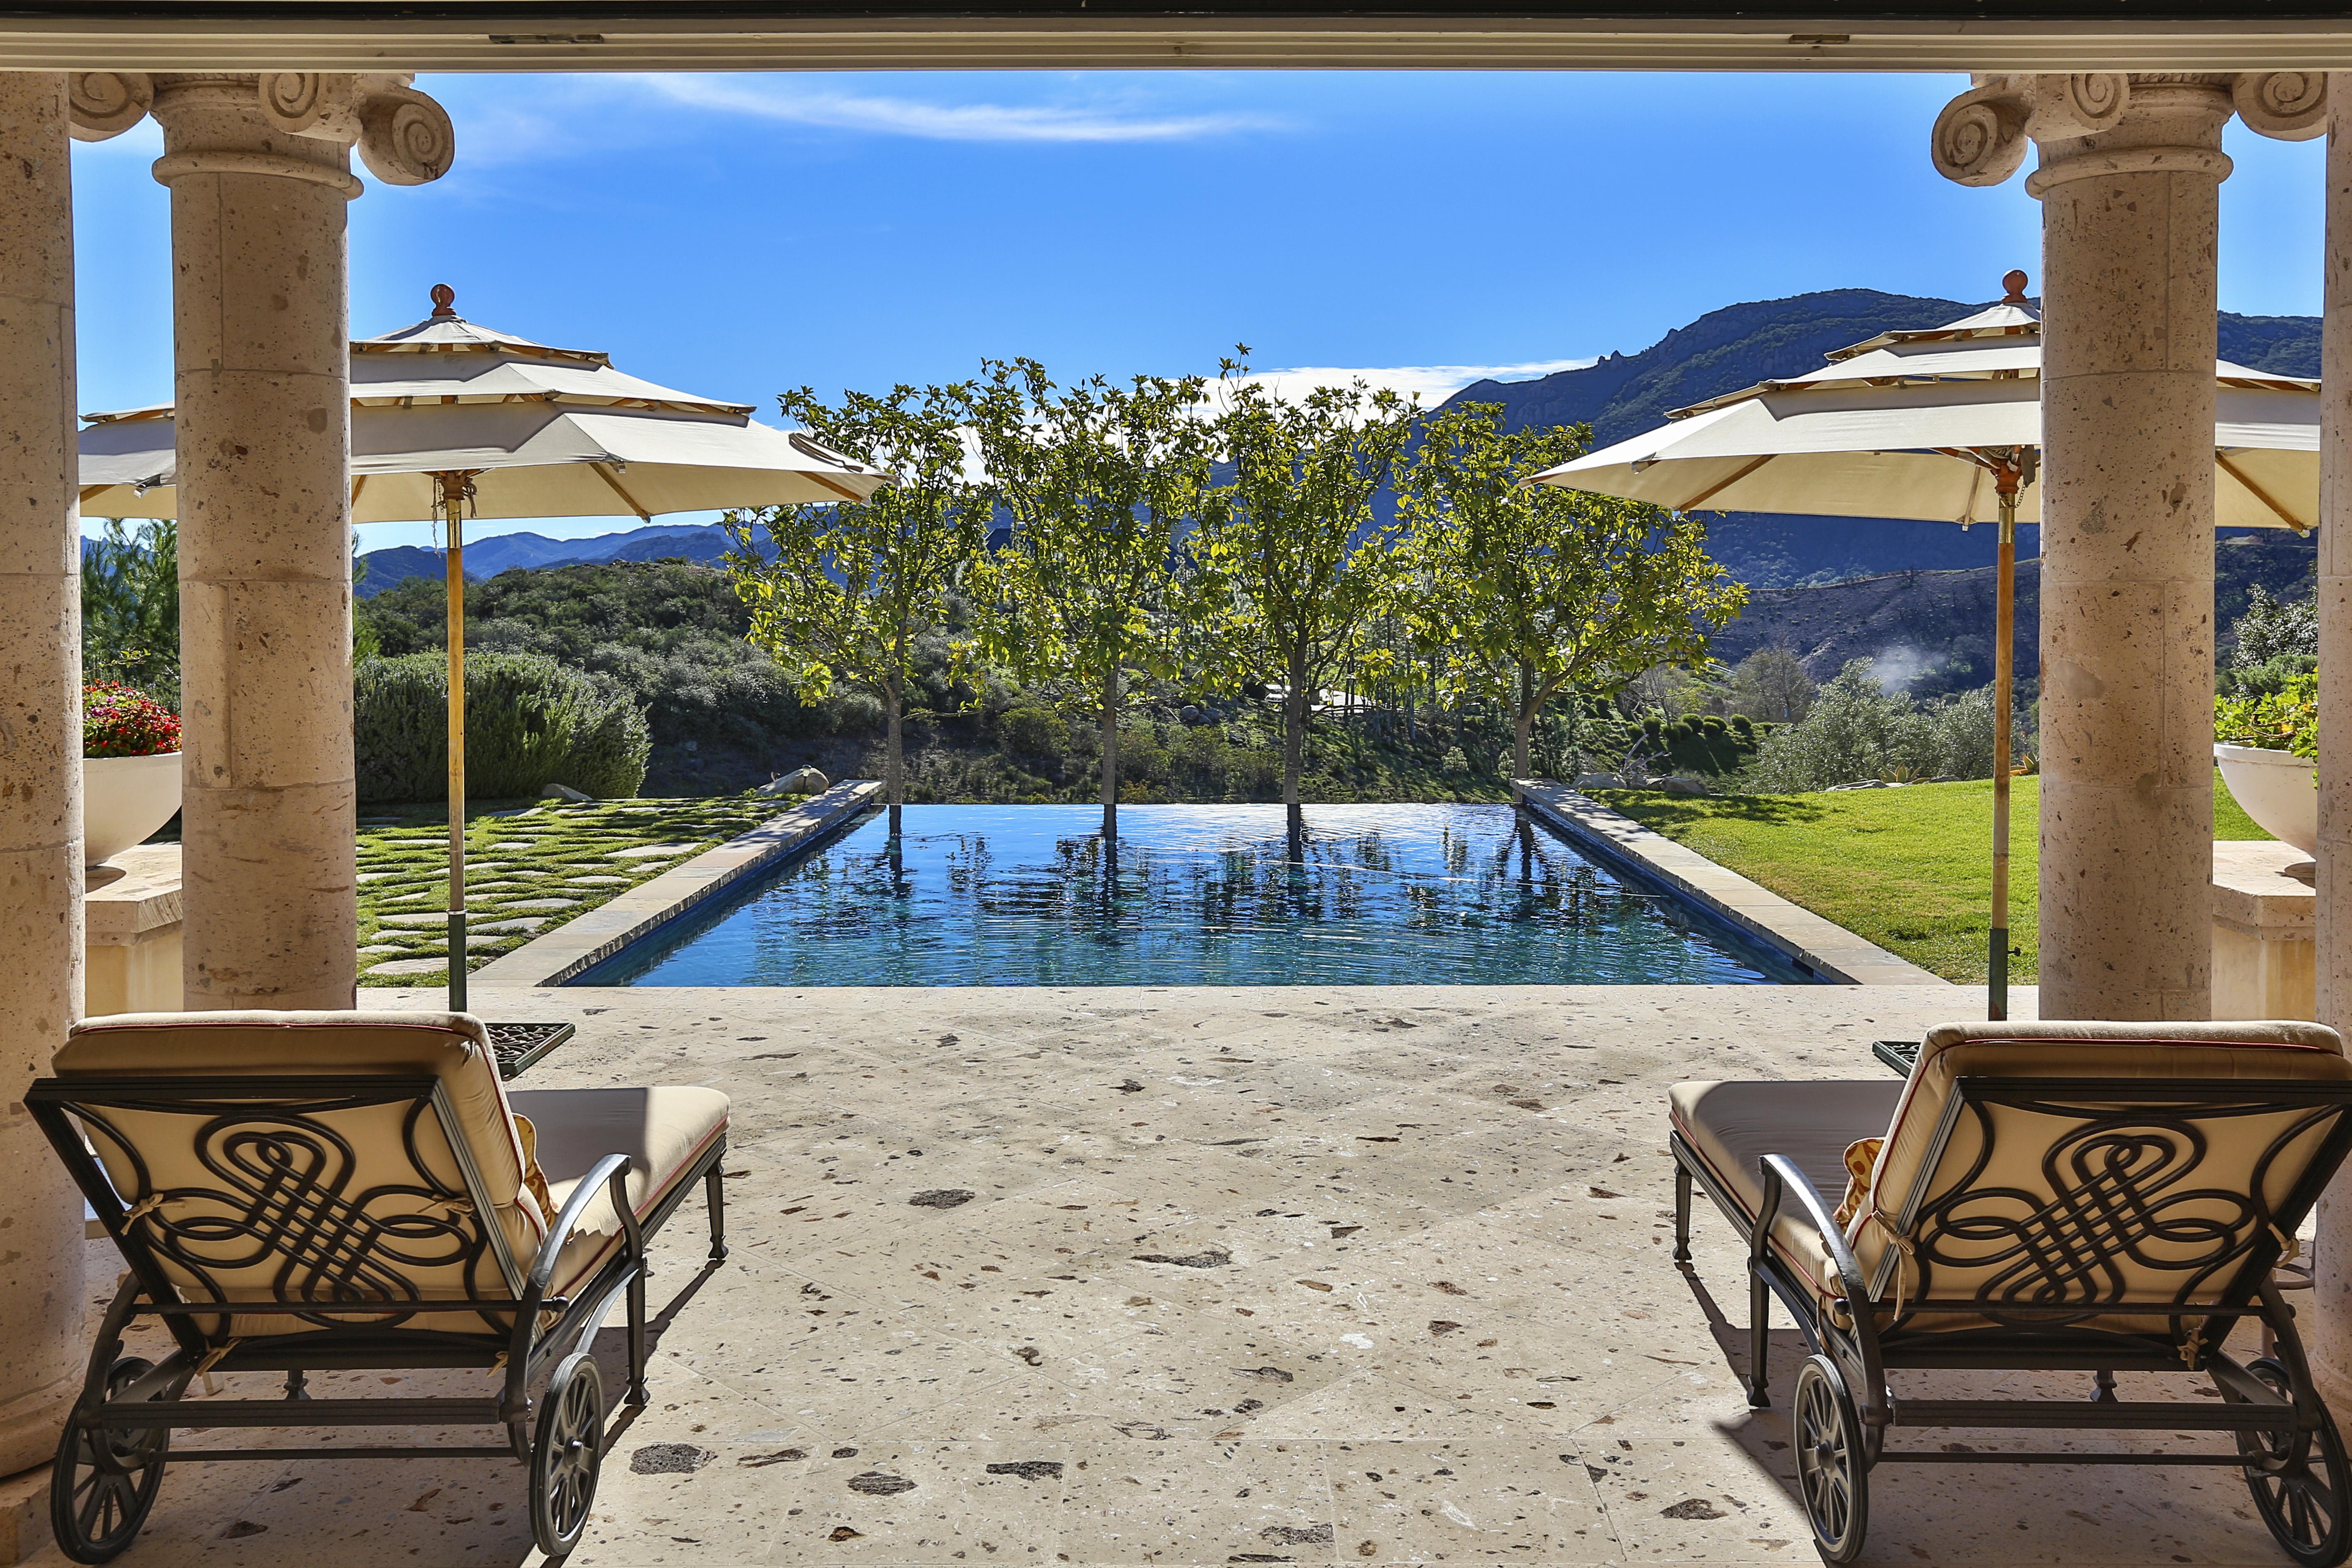 La piscina de la casa de ensueño en Los Ángeles